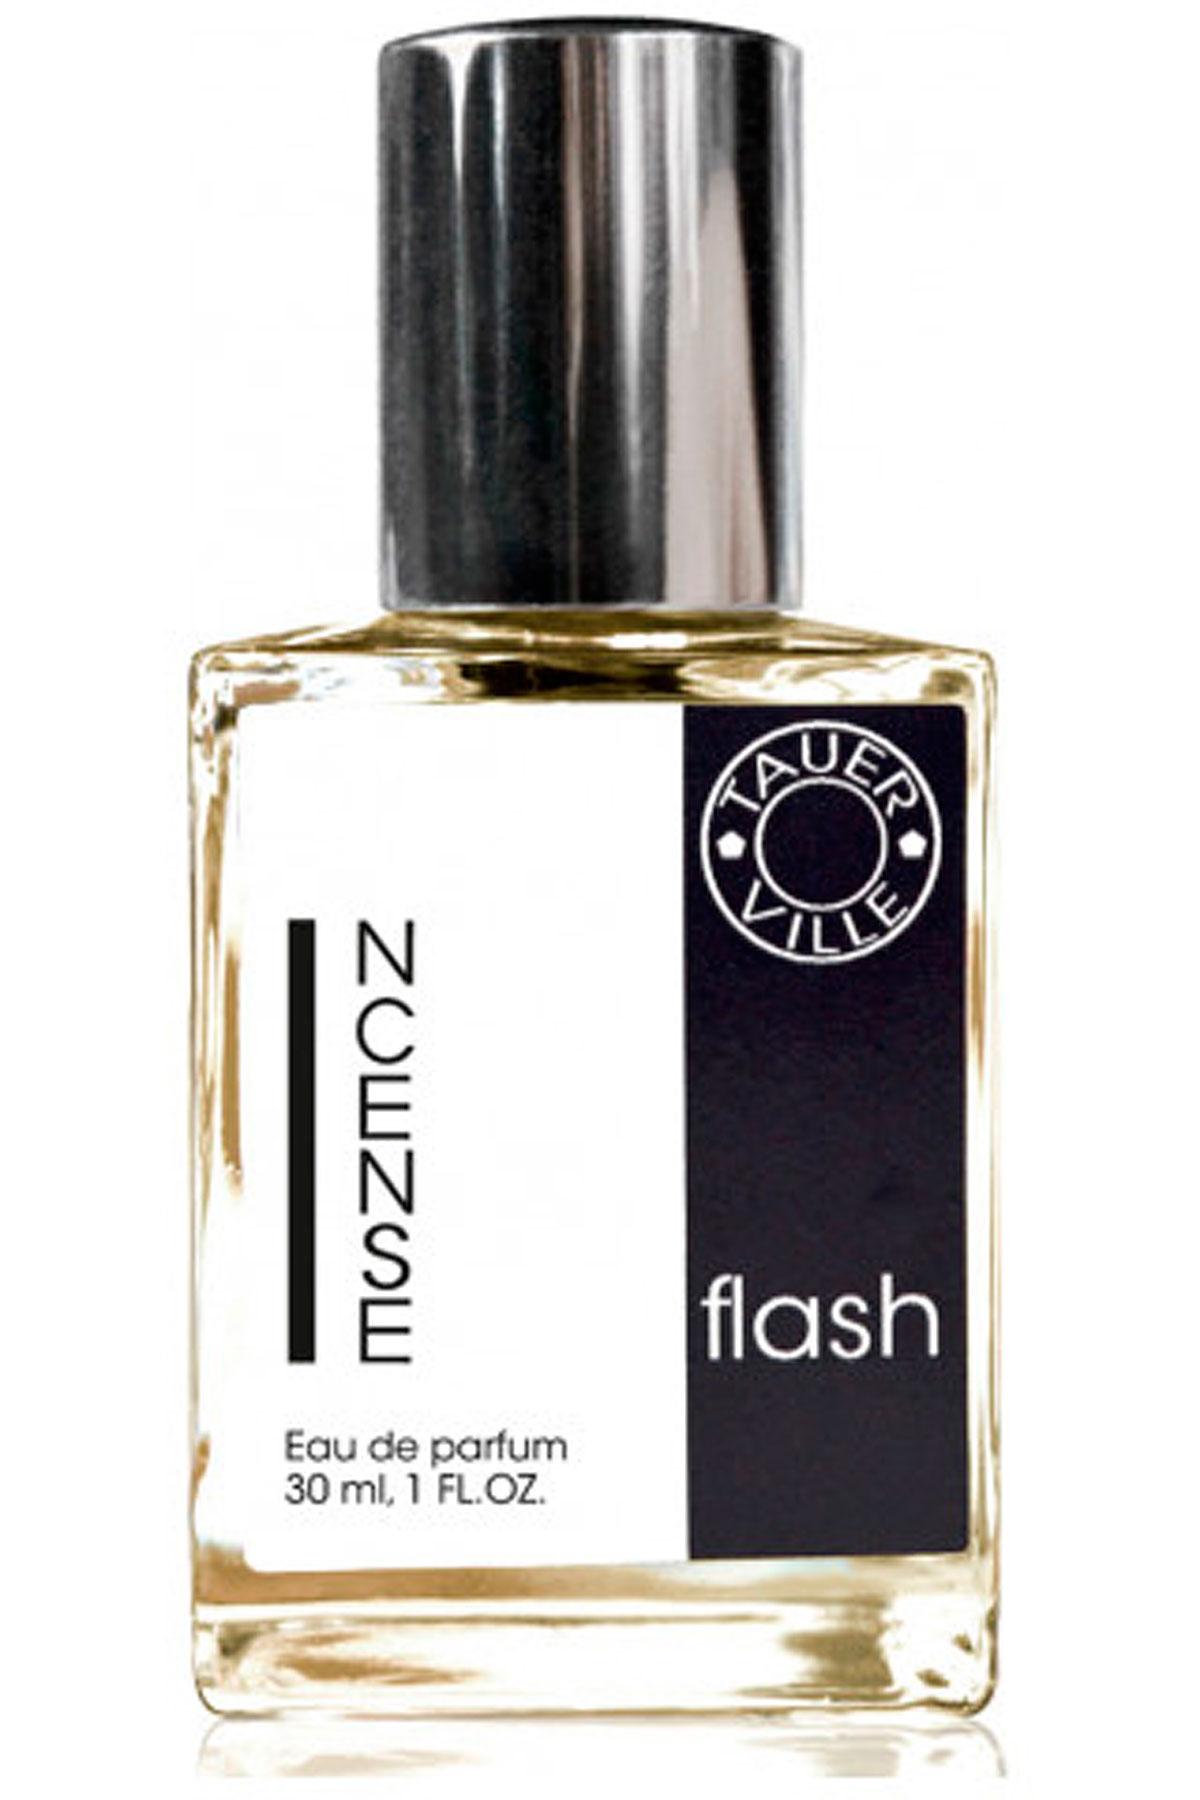 Andy Tauer Fragrances for Women, Incense Flash - Eau De Parfum - 30 Ml, 2019, 30 ml